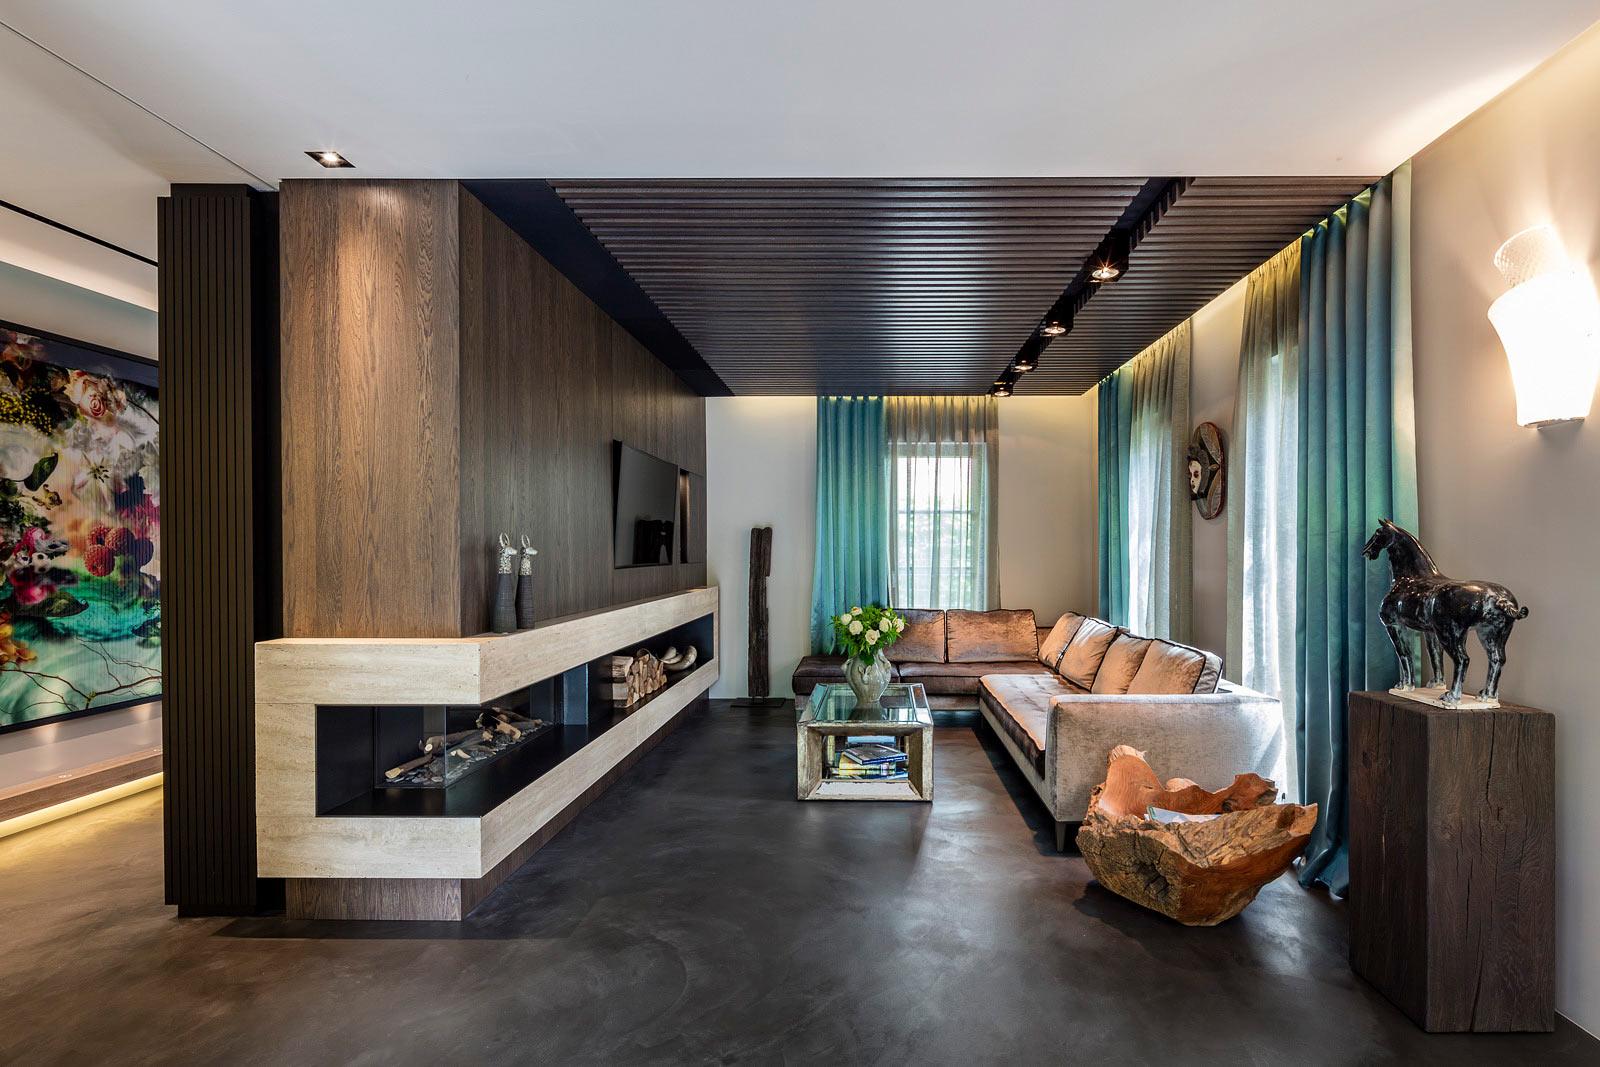 Architekturfotografie Innenraum, Architektur Und Interieur Fotograf,  Wohnbereich, Interiorfotografie